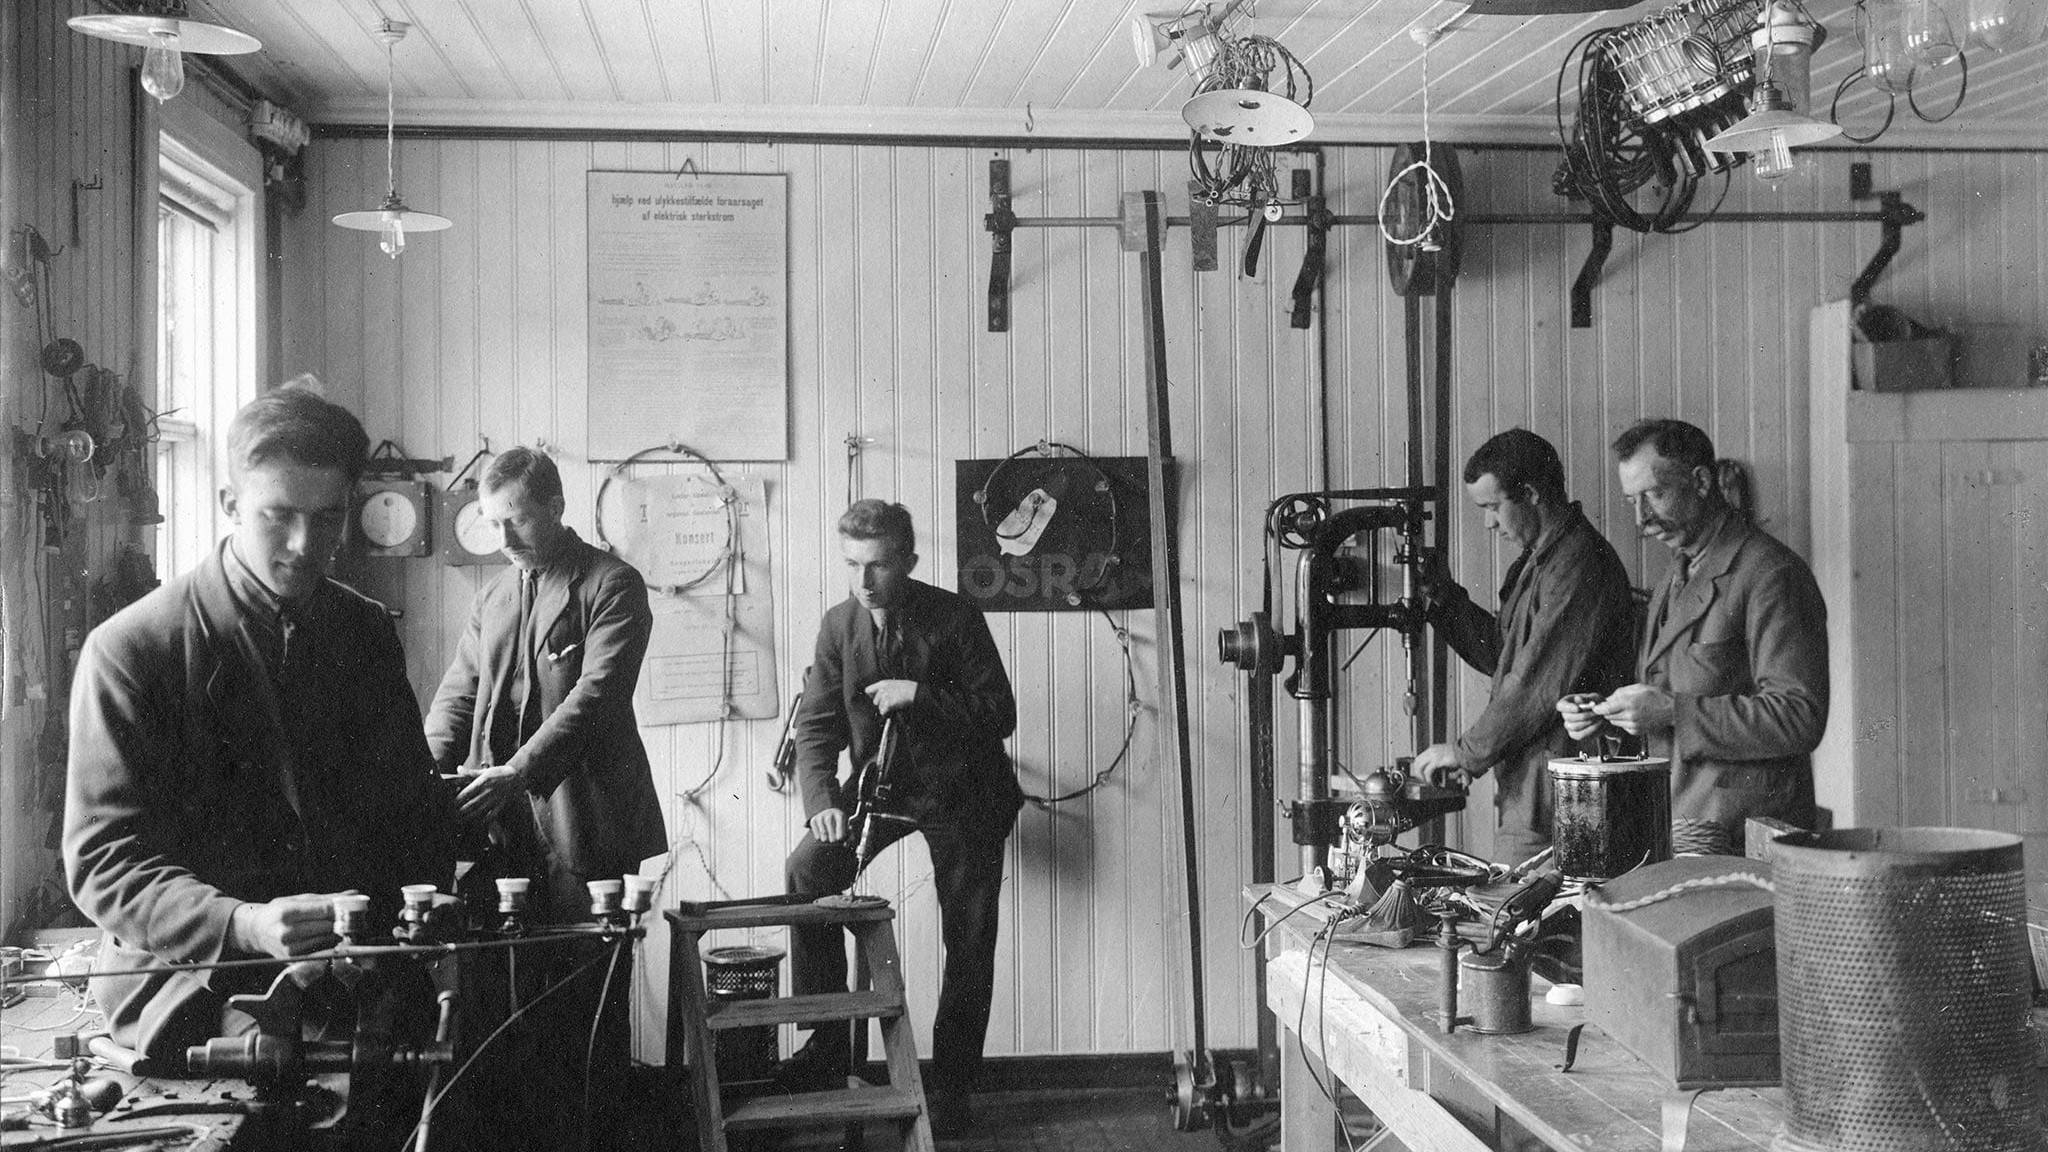 Røros E-verk har drevet butikk på fem forskjellige steder i sin 100 år lange historie. Her er de i lokalene til Totalavholdsforeningens gård i Storgata